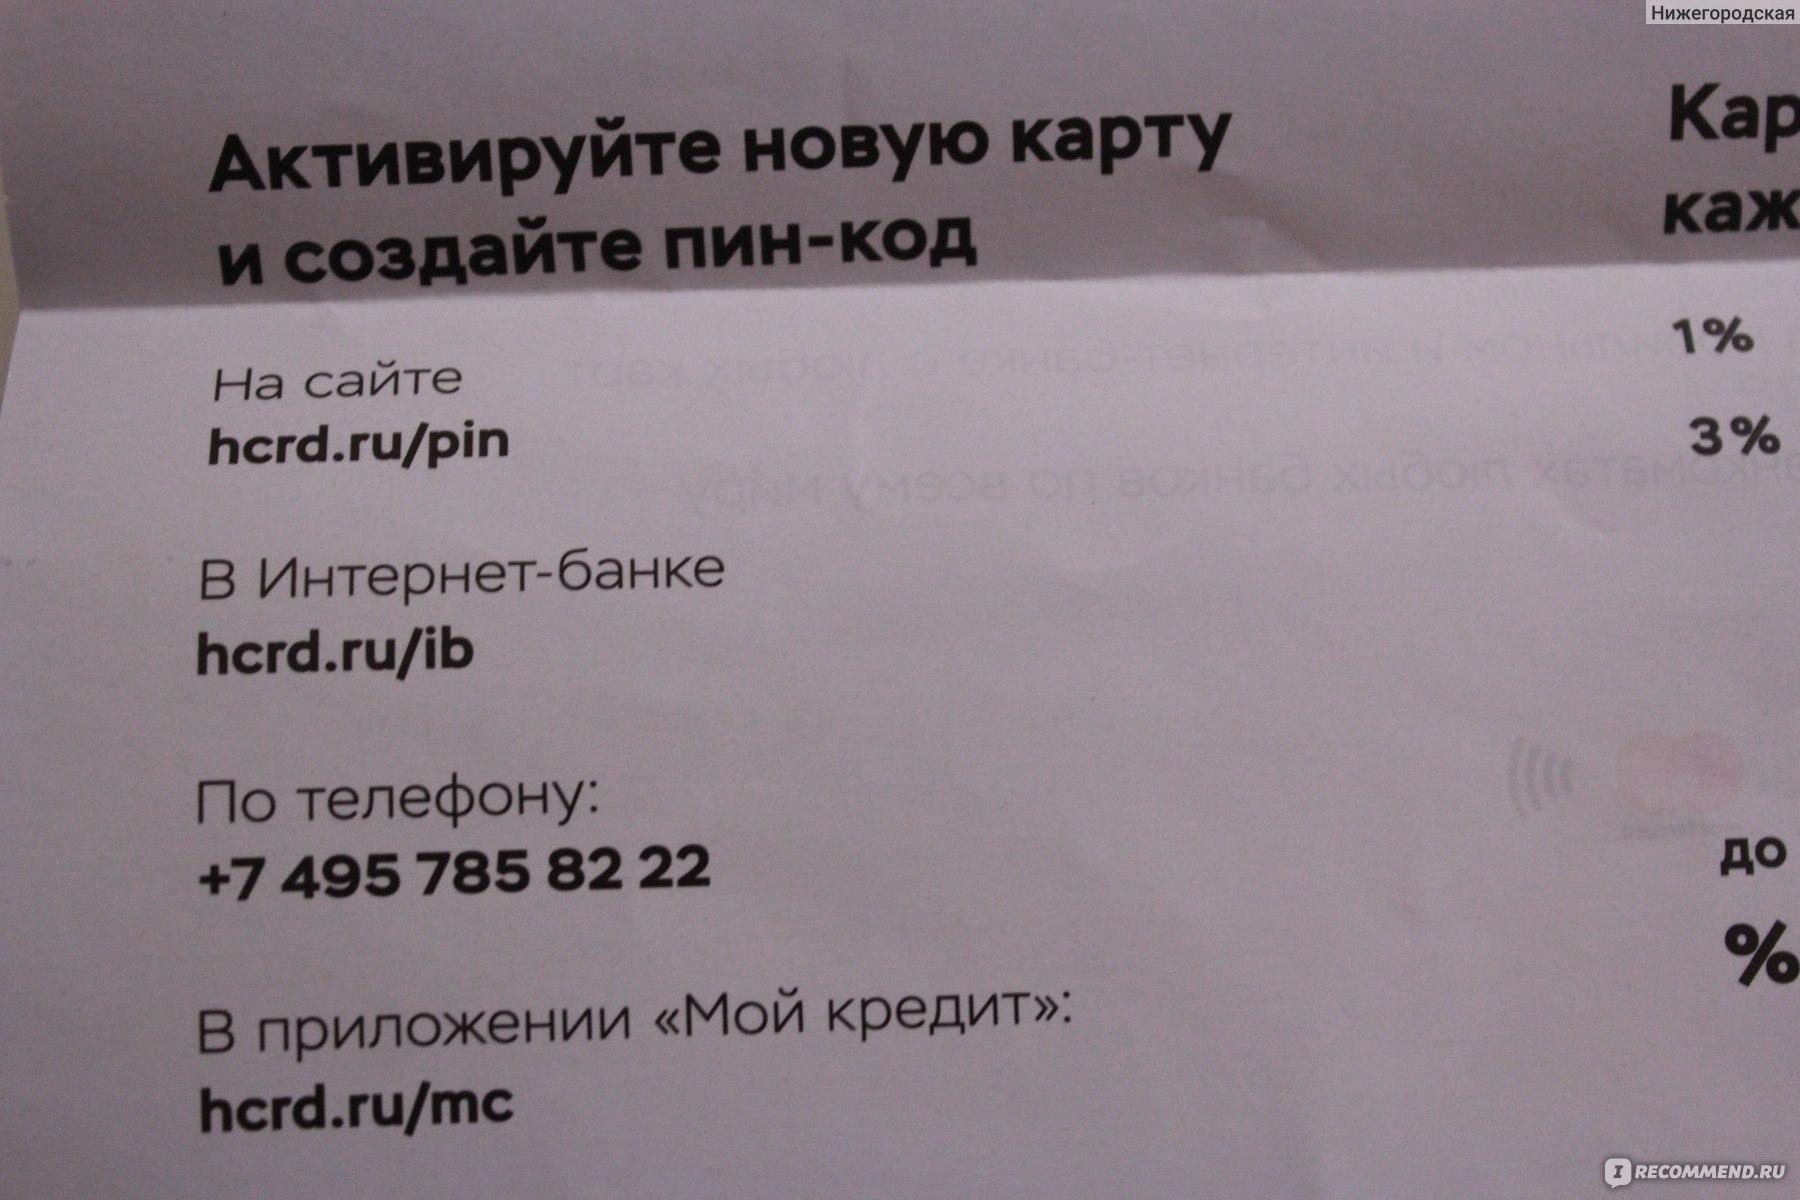 хоум кредит личный кабинет hcrd ru mc